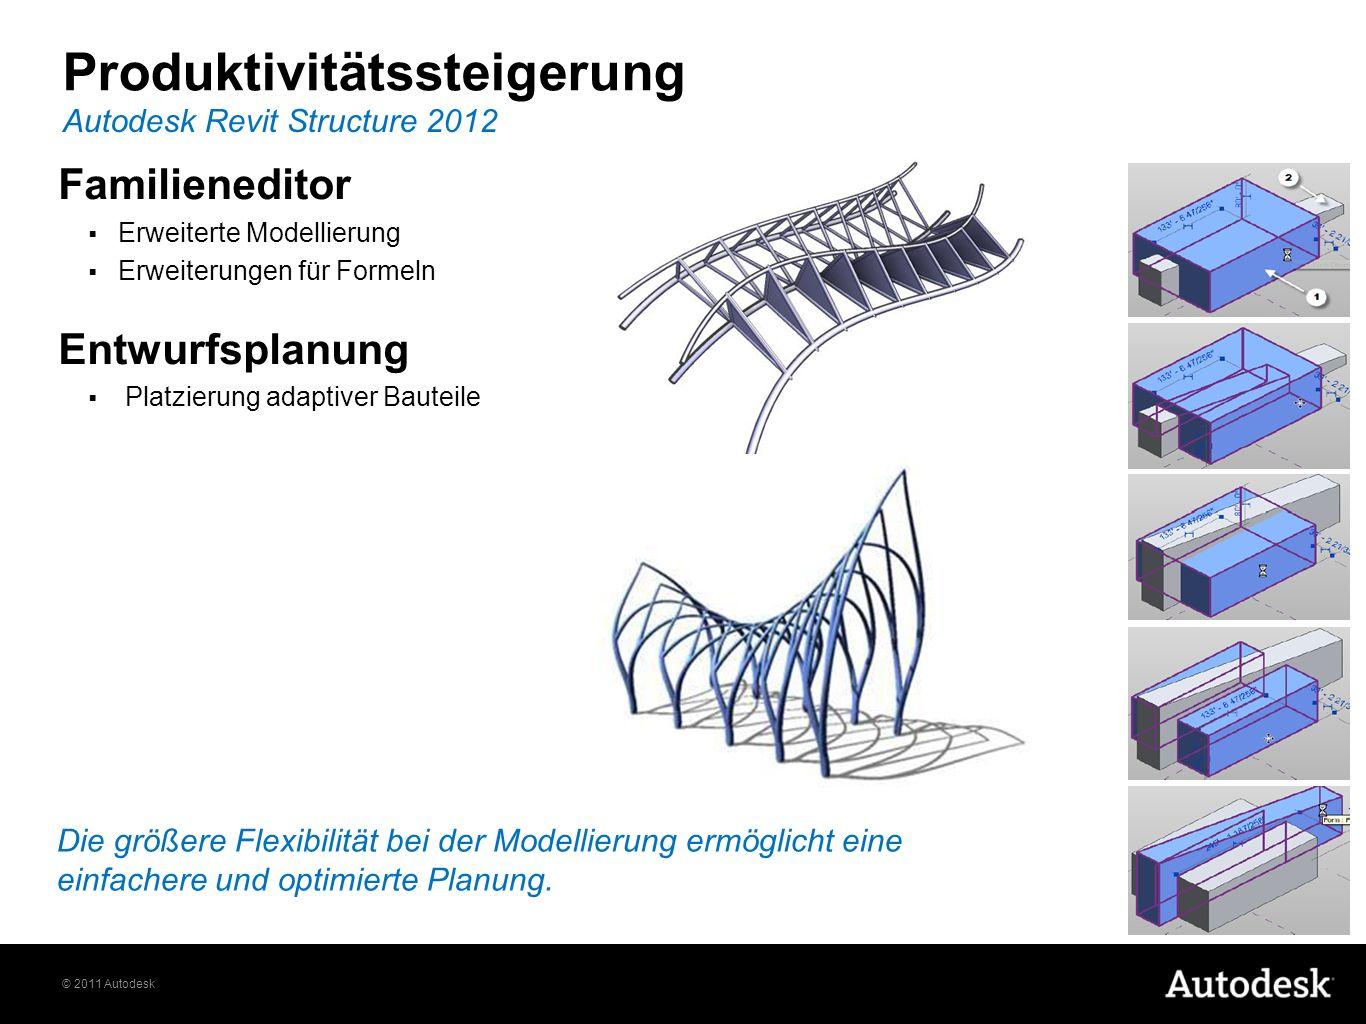 © 2011 Autodesk Zusammenarbeit und Performance Autodesk Revit Structure 2012 *Autodesk Vault Collaboration AEC ist separat erhältlich.